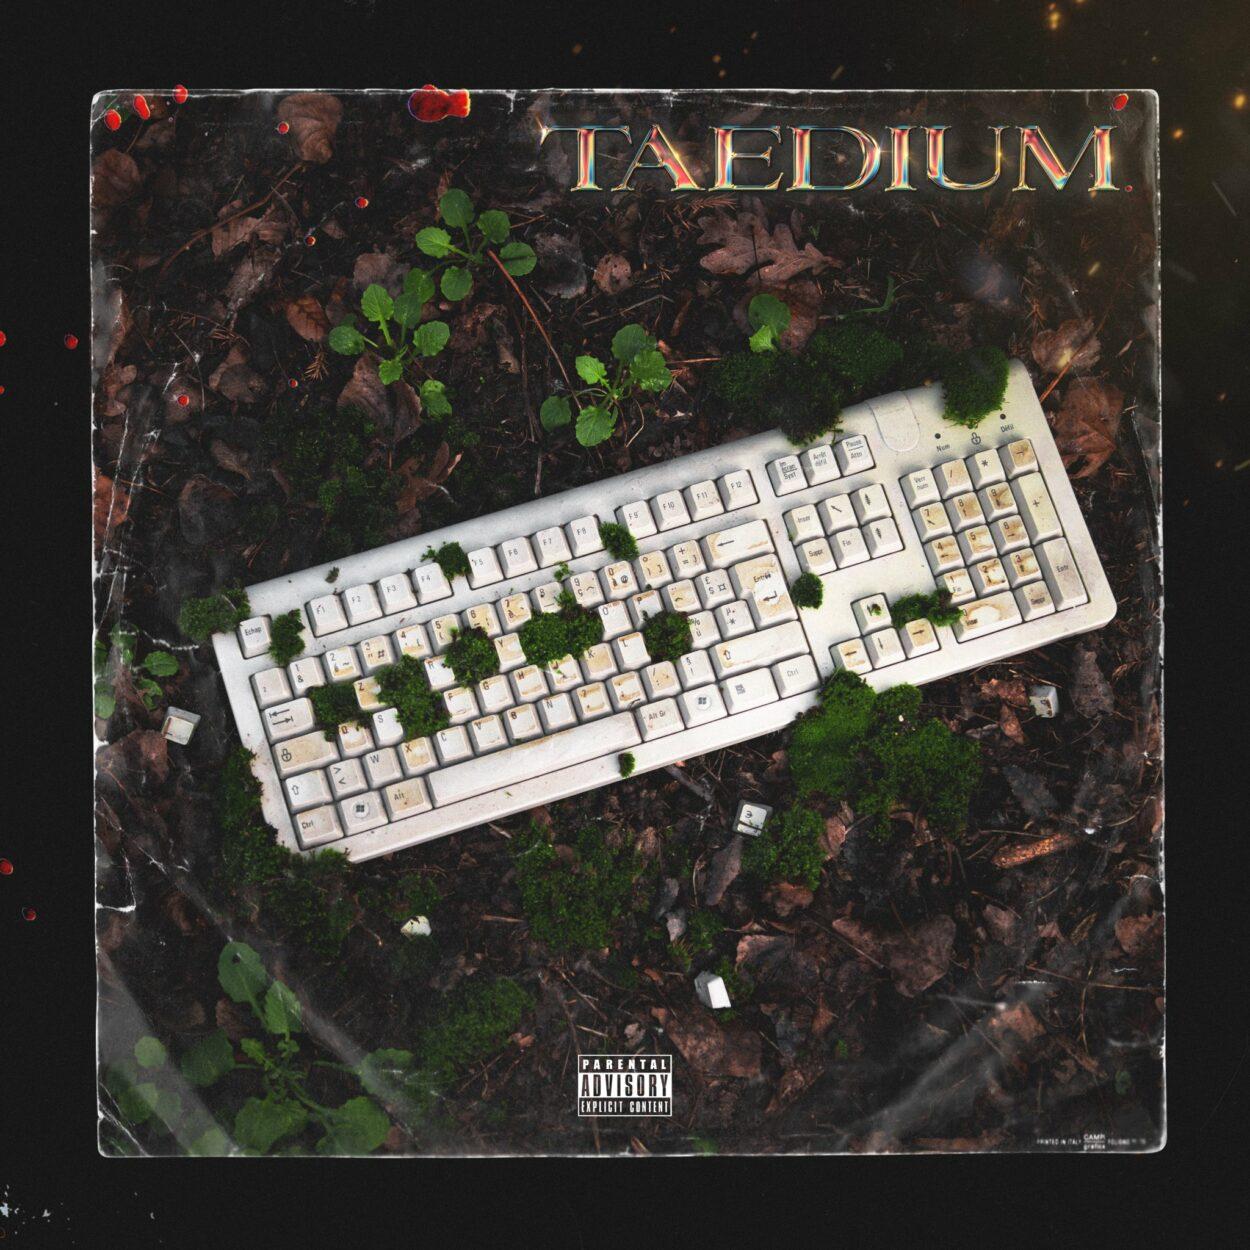 taedium